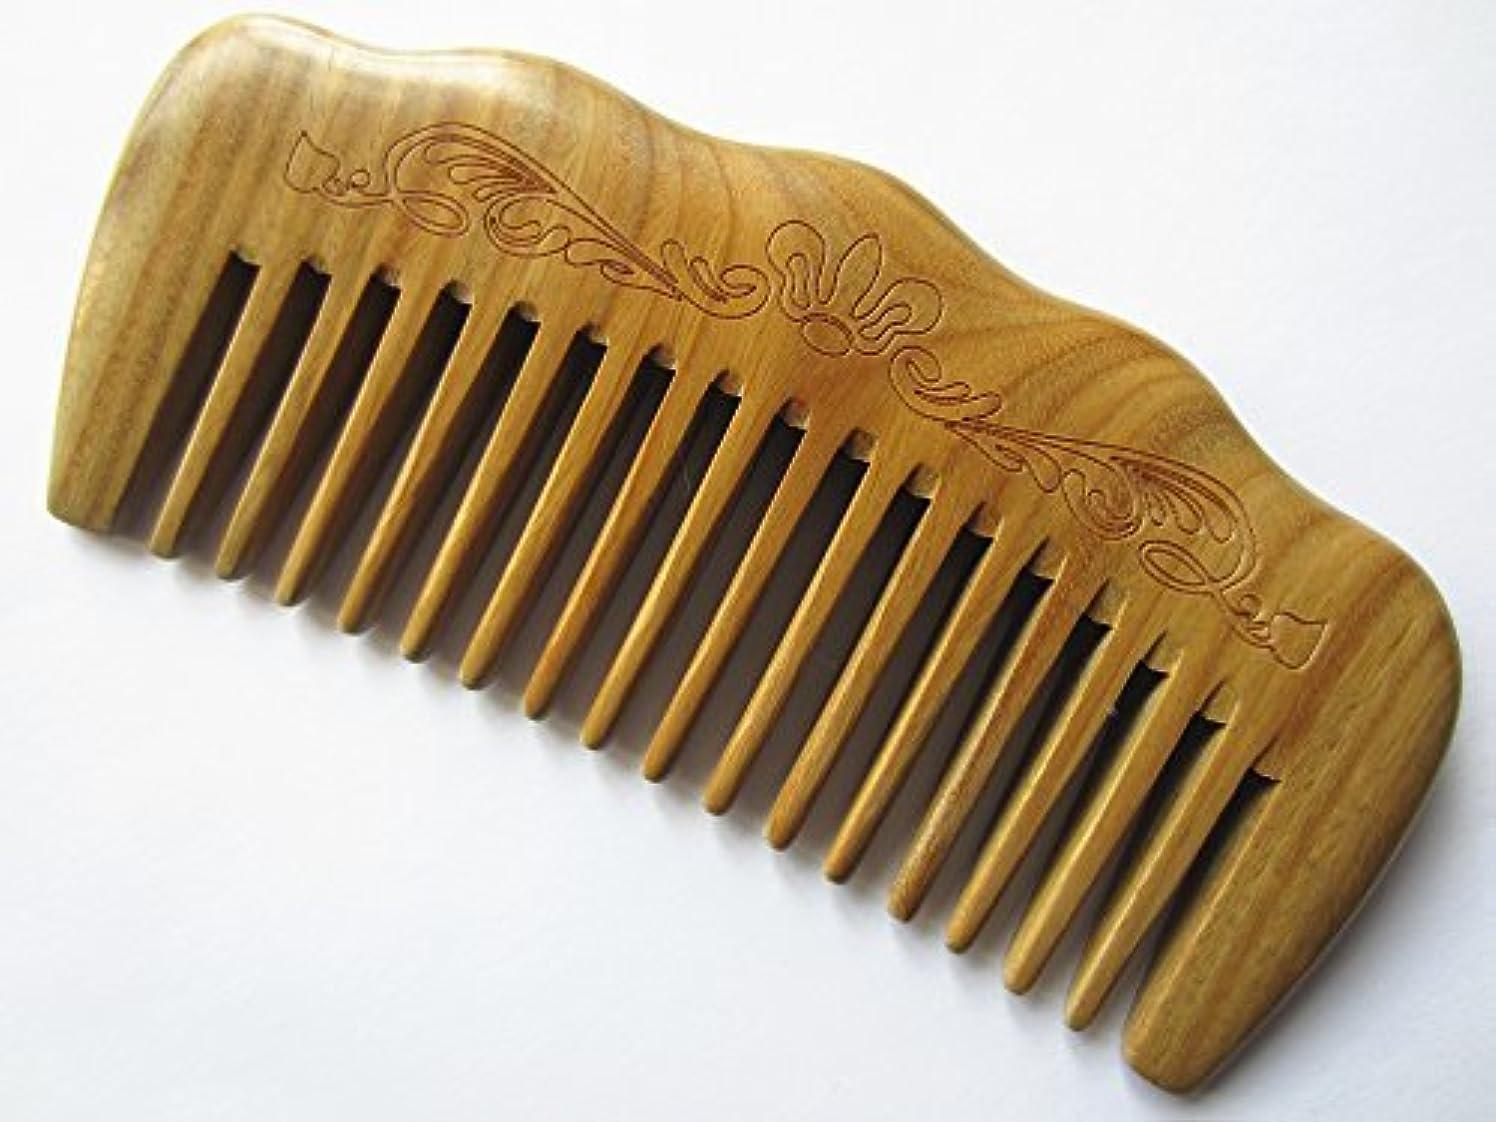 ジョージエリオットシャイニングトライアスロンMyhsmooth Gs-by-mt Wide Tooth Wood Handmade Natural Green Sandalwood No Static Comb with Aromatic Scent for Detangling Curly Hair and Gift (4.9